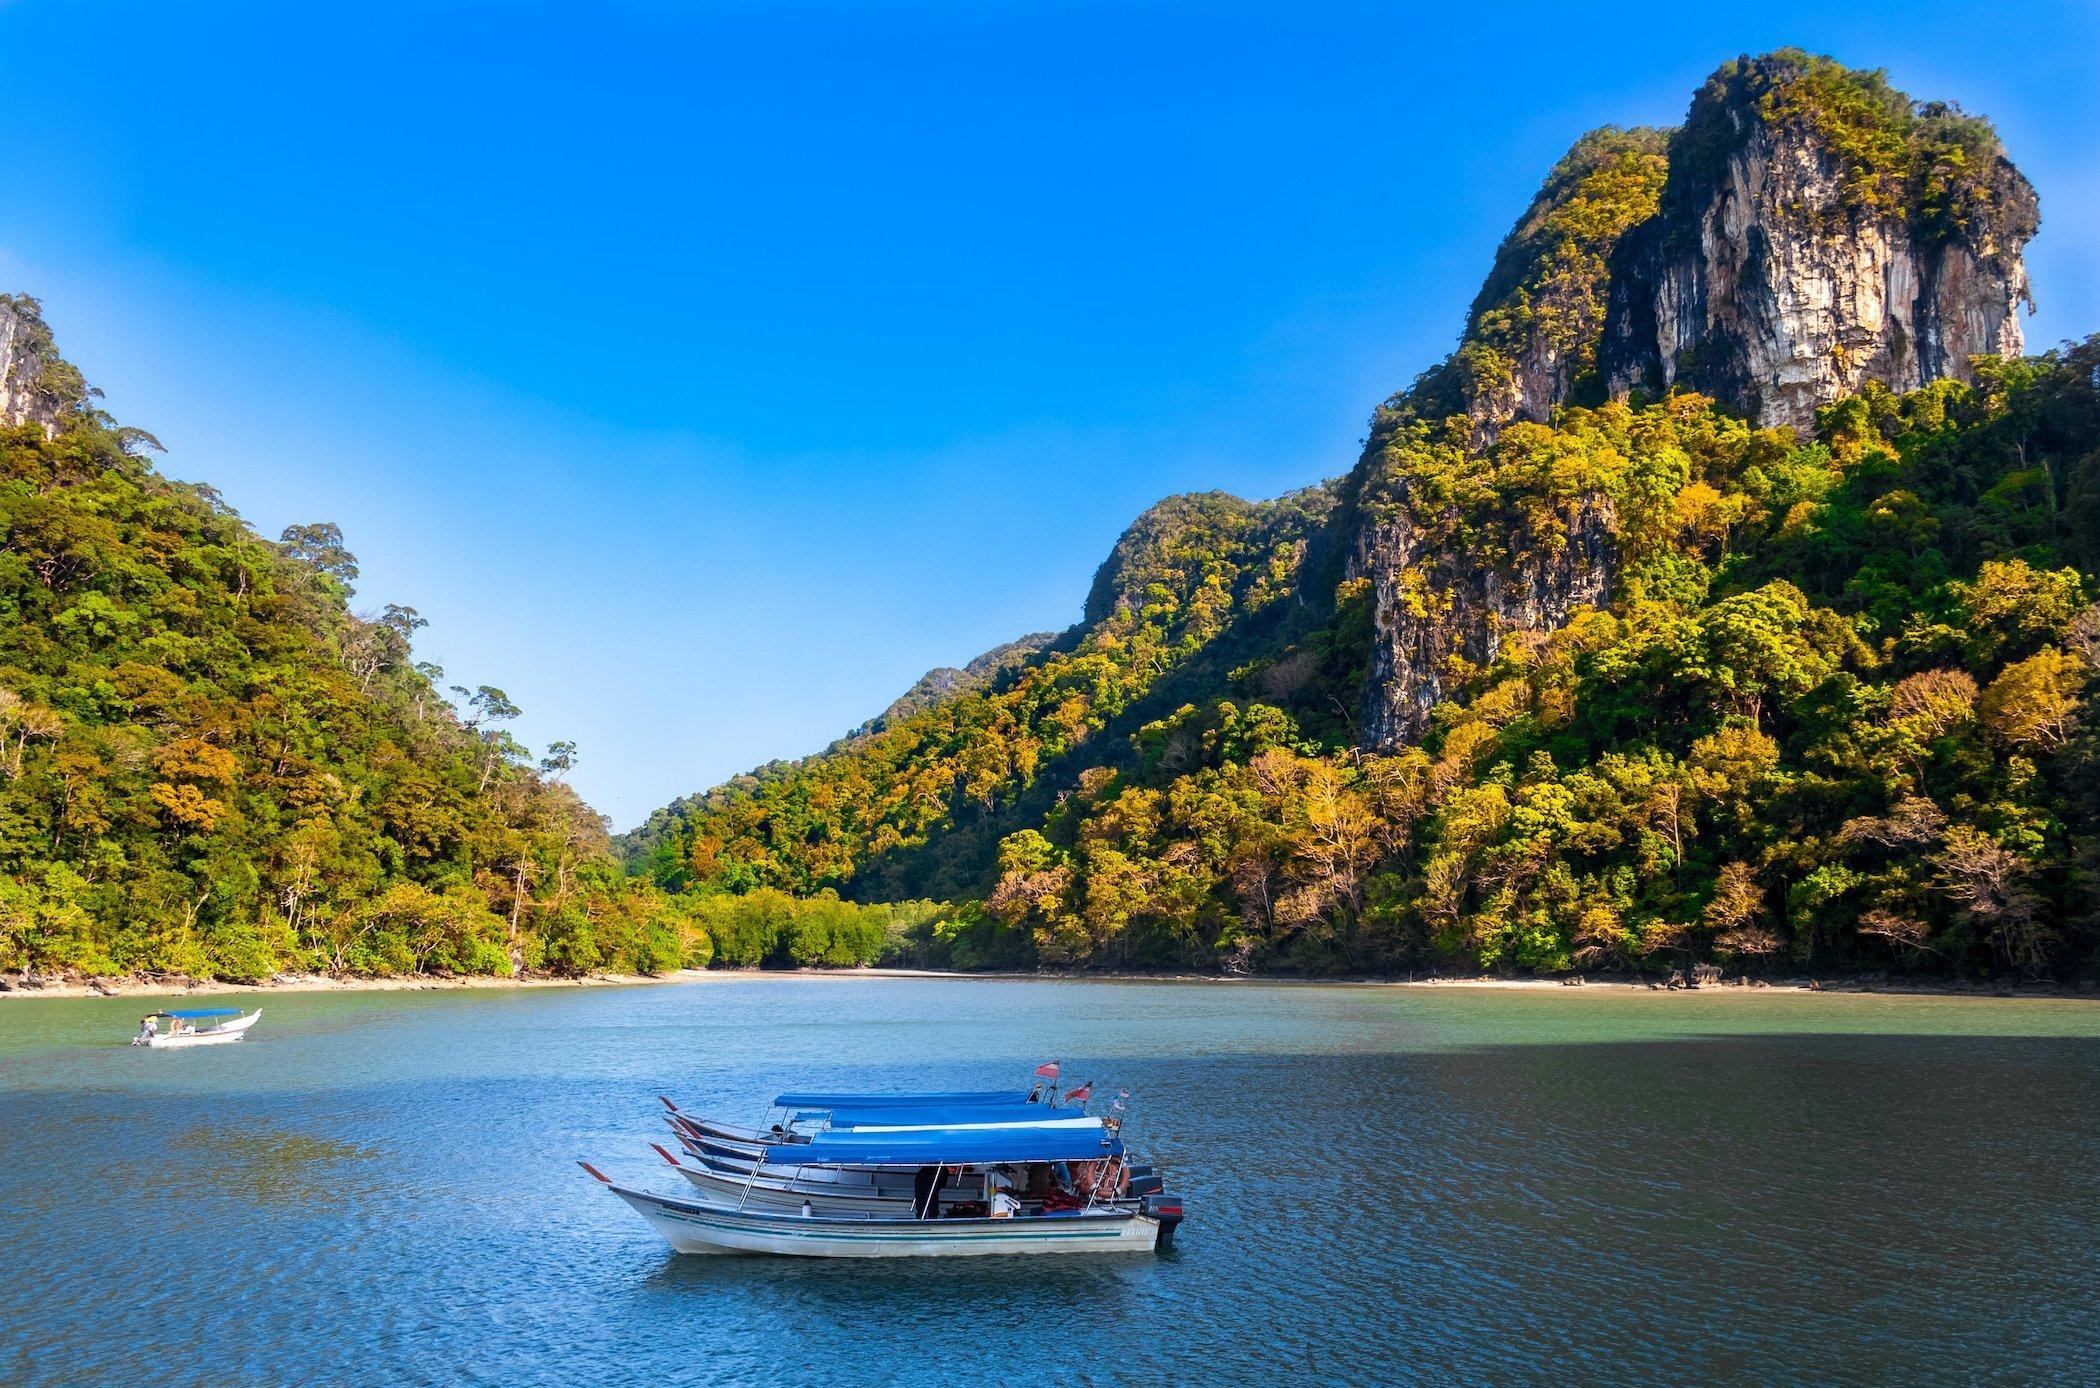 Crociera in barca per visitare la foresta di mangrovie di Langkawi, Malesia